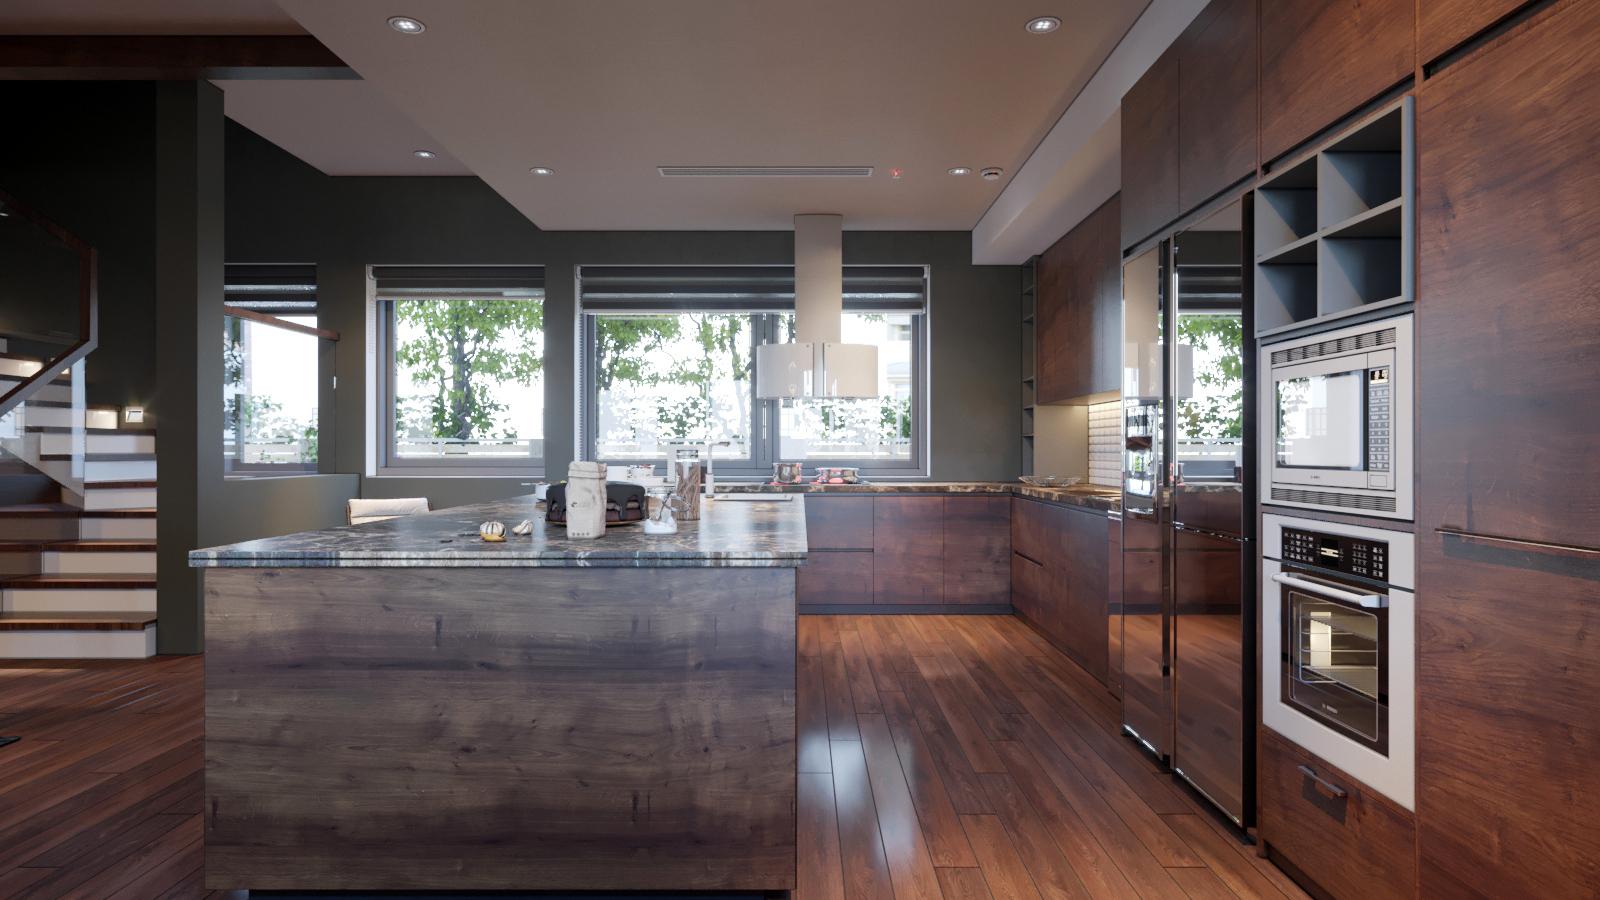 thiết kế Nội thất Biệt Thự 3 tầng biệt thự bt25 splendora mới (lakeside splendora)90